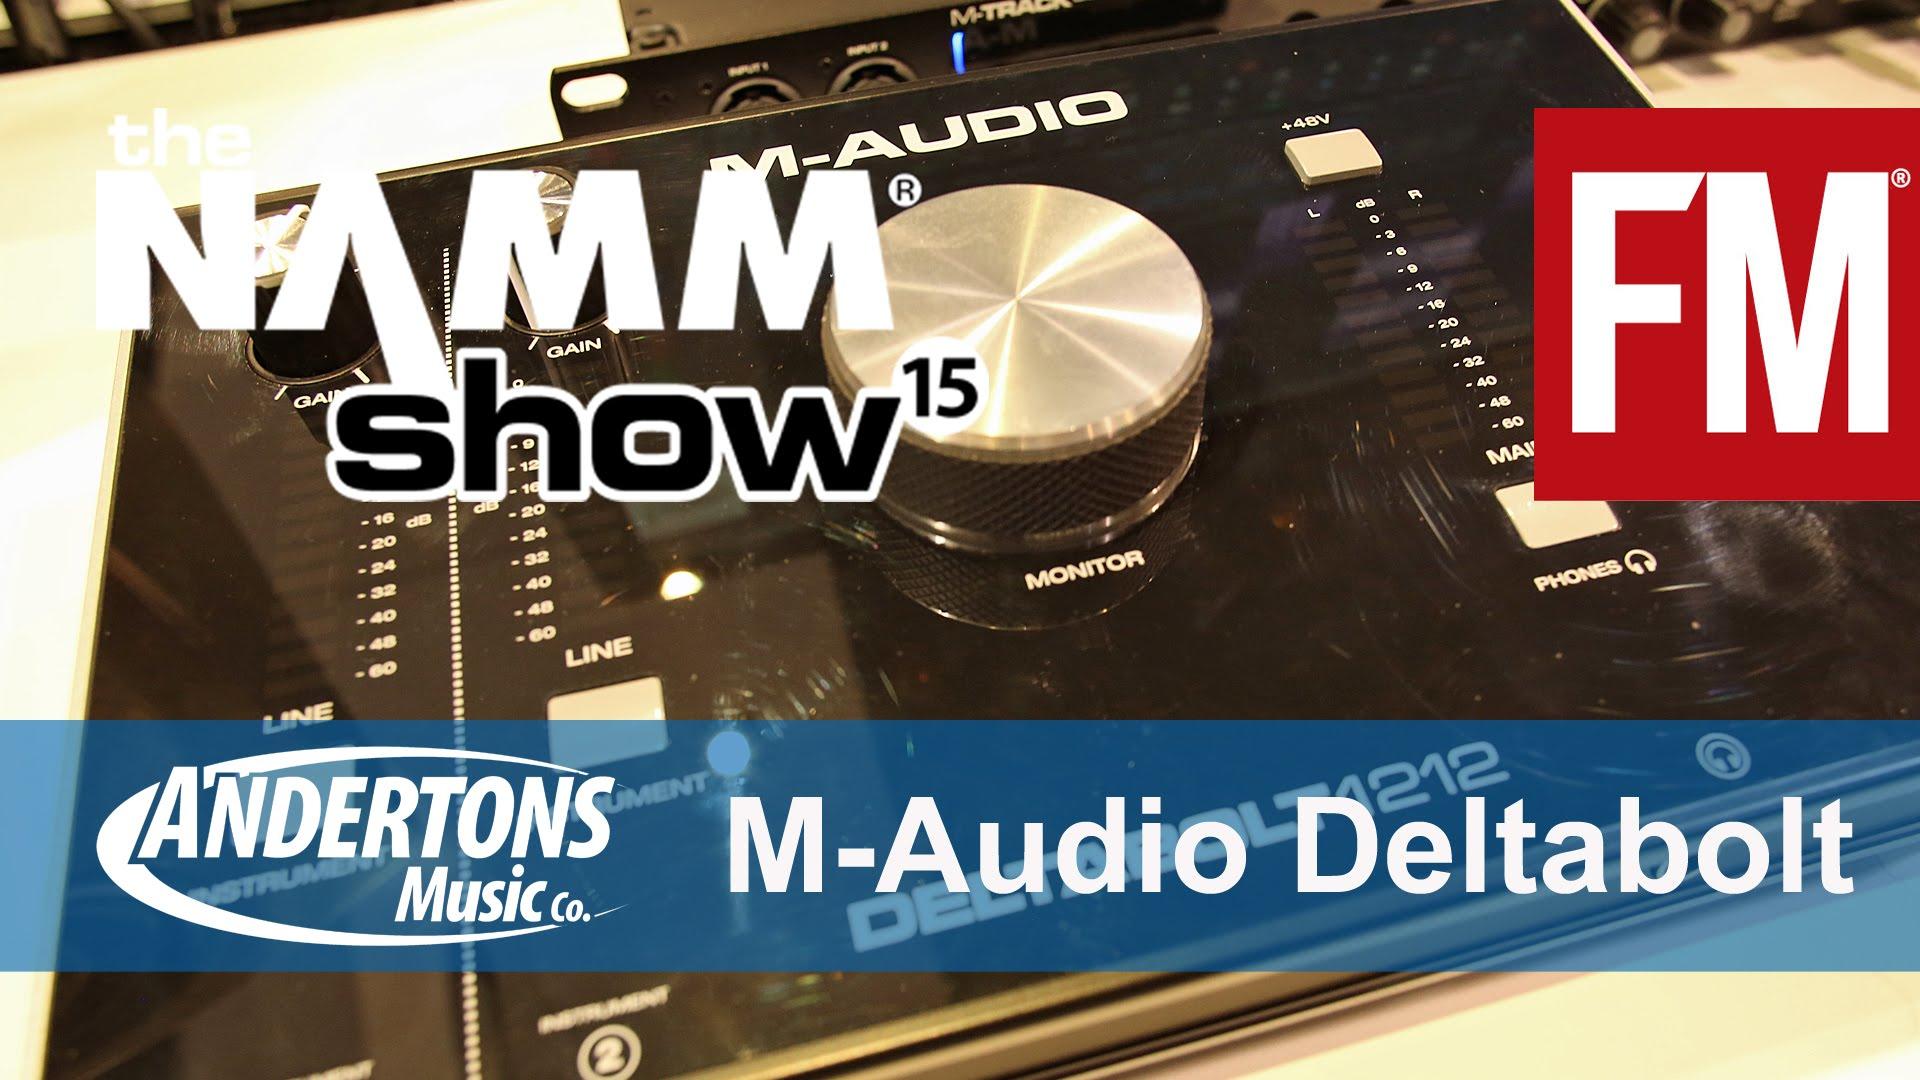 NAMM 2015 – M-Audio Deltabolt 1212 – YouTube